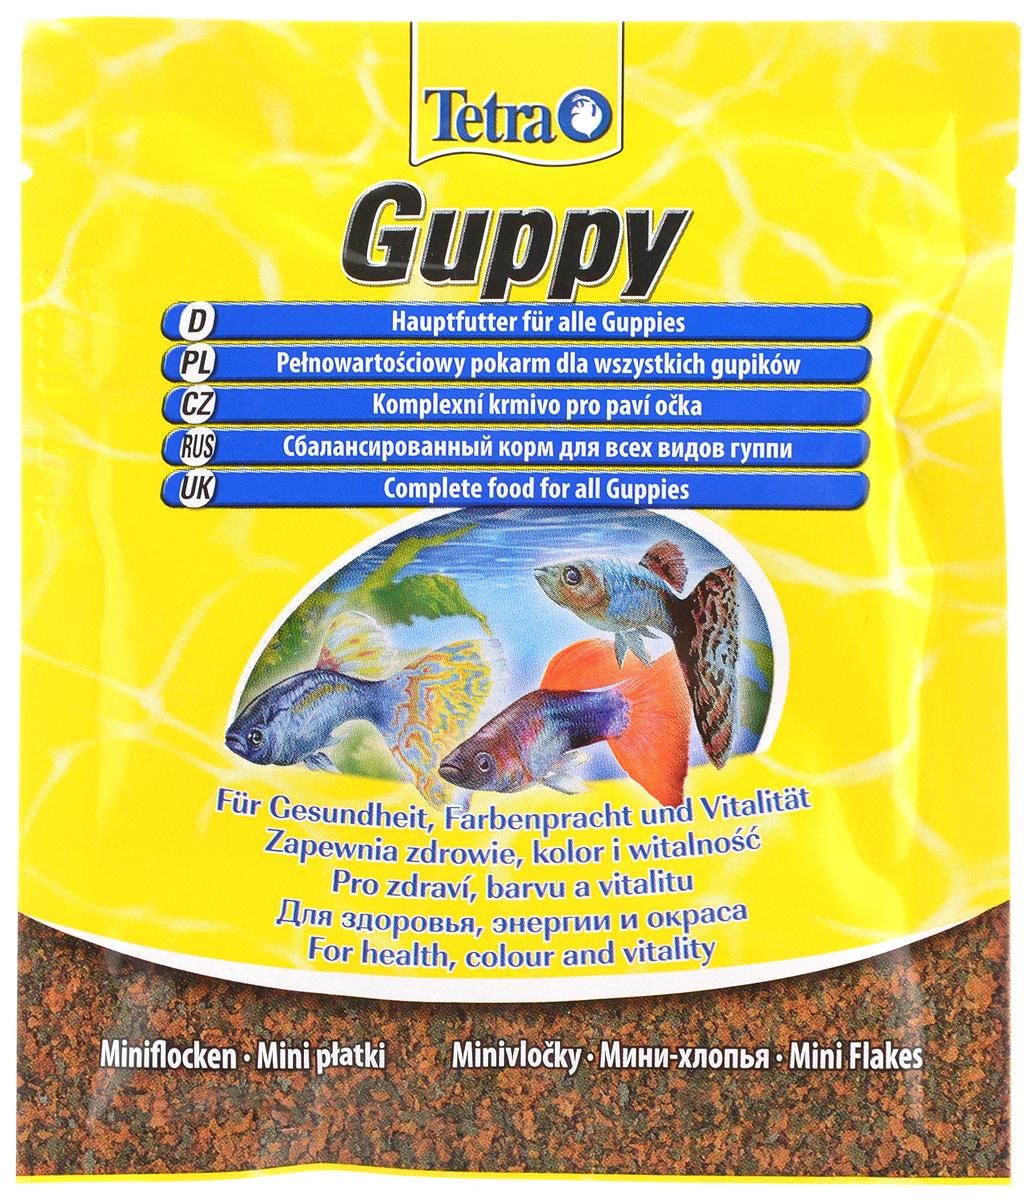 Корм для гуппи Tetra Guppy, мини-хлопья, 12 г193741Корм Tetra Guppy - сбалансированный корм в виде хлопьев для всехвидов гуппи и иных живородящих рыб. Высокое содержание растительных ингредиентов и минералов для улучшения вкусовых качеств и роста. Ежедневное употребление питательного состава способствует улучшению иммунитета и развитию организма. Кормить несколько раз в день маленькими порциями. Состав: экстракты растительного белка, зерновые культуры, дрожжи, моллюски и раки, масла и жиры, водоросли, сахар, минеральные вещества.Аналитические компоненты: сырой белок - 45%, сырые масла и жиры - 8%, сырая клетчатка - 4%, содержание влаги - 8%.Товар сертифицирован.